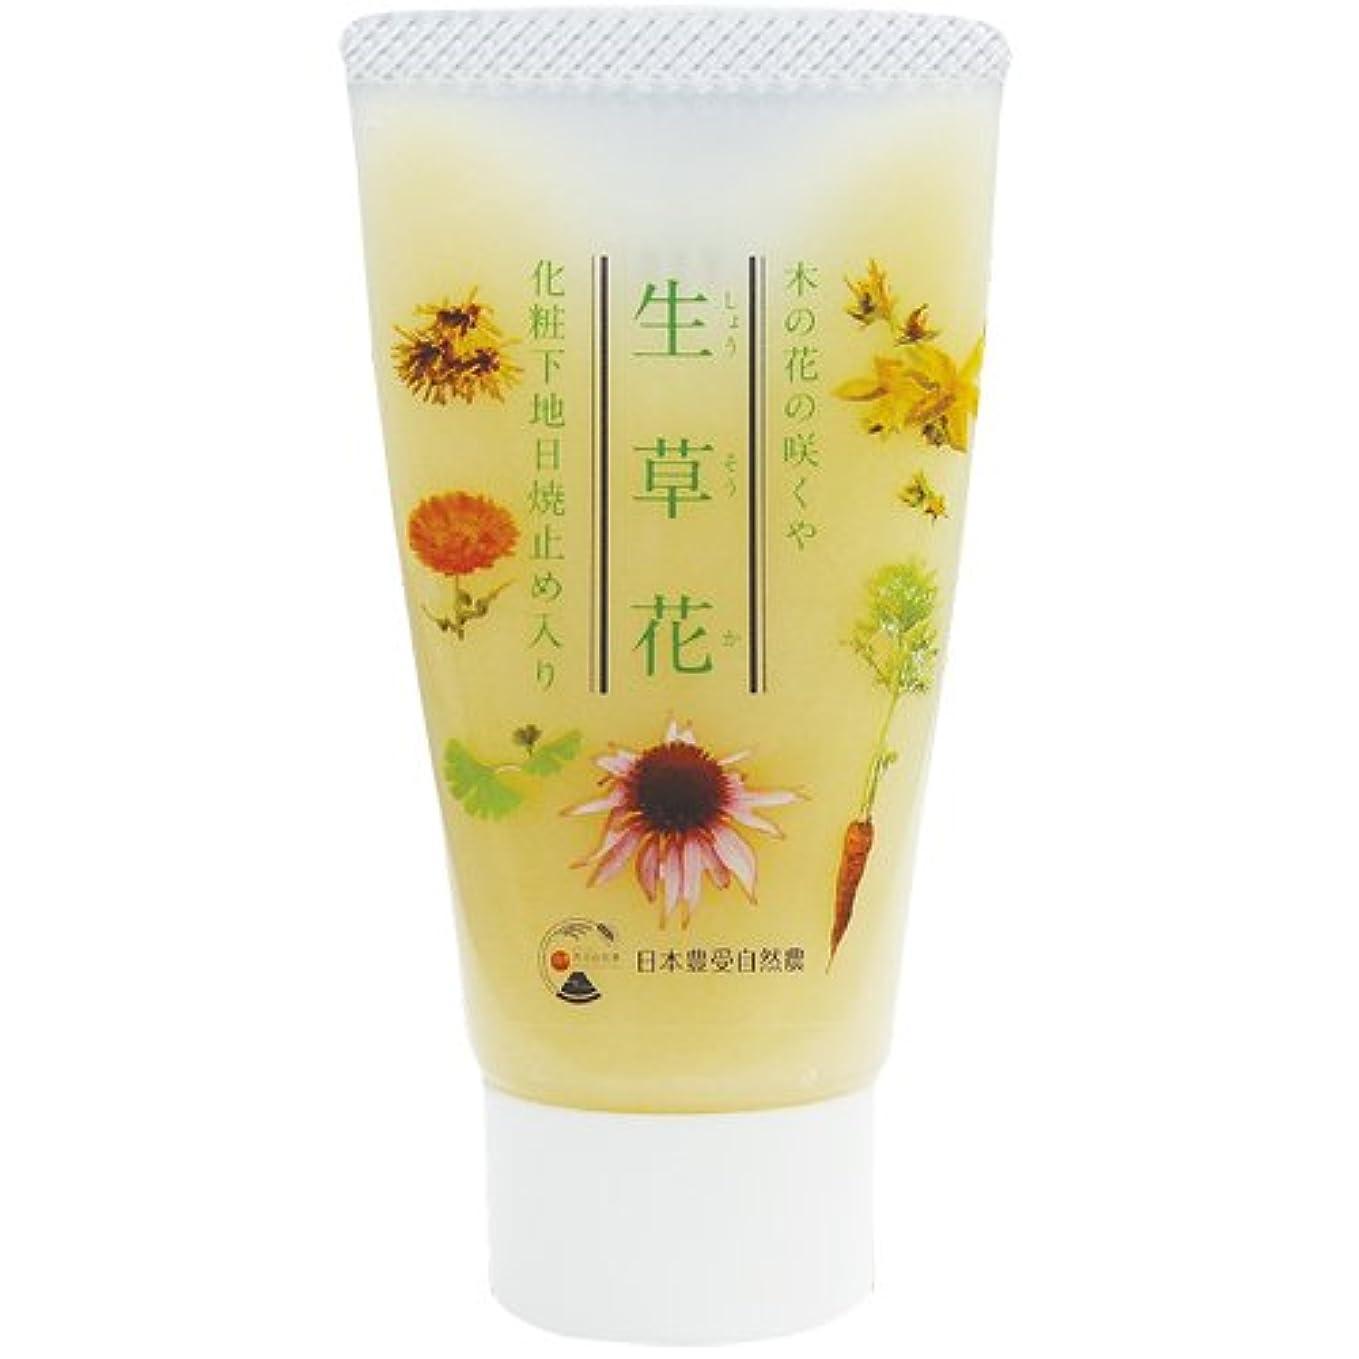 権限受け皿業界日本豊受自然農 木の花の咲くや 生草花 化粧下地 日焼け止め入り 30g